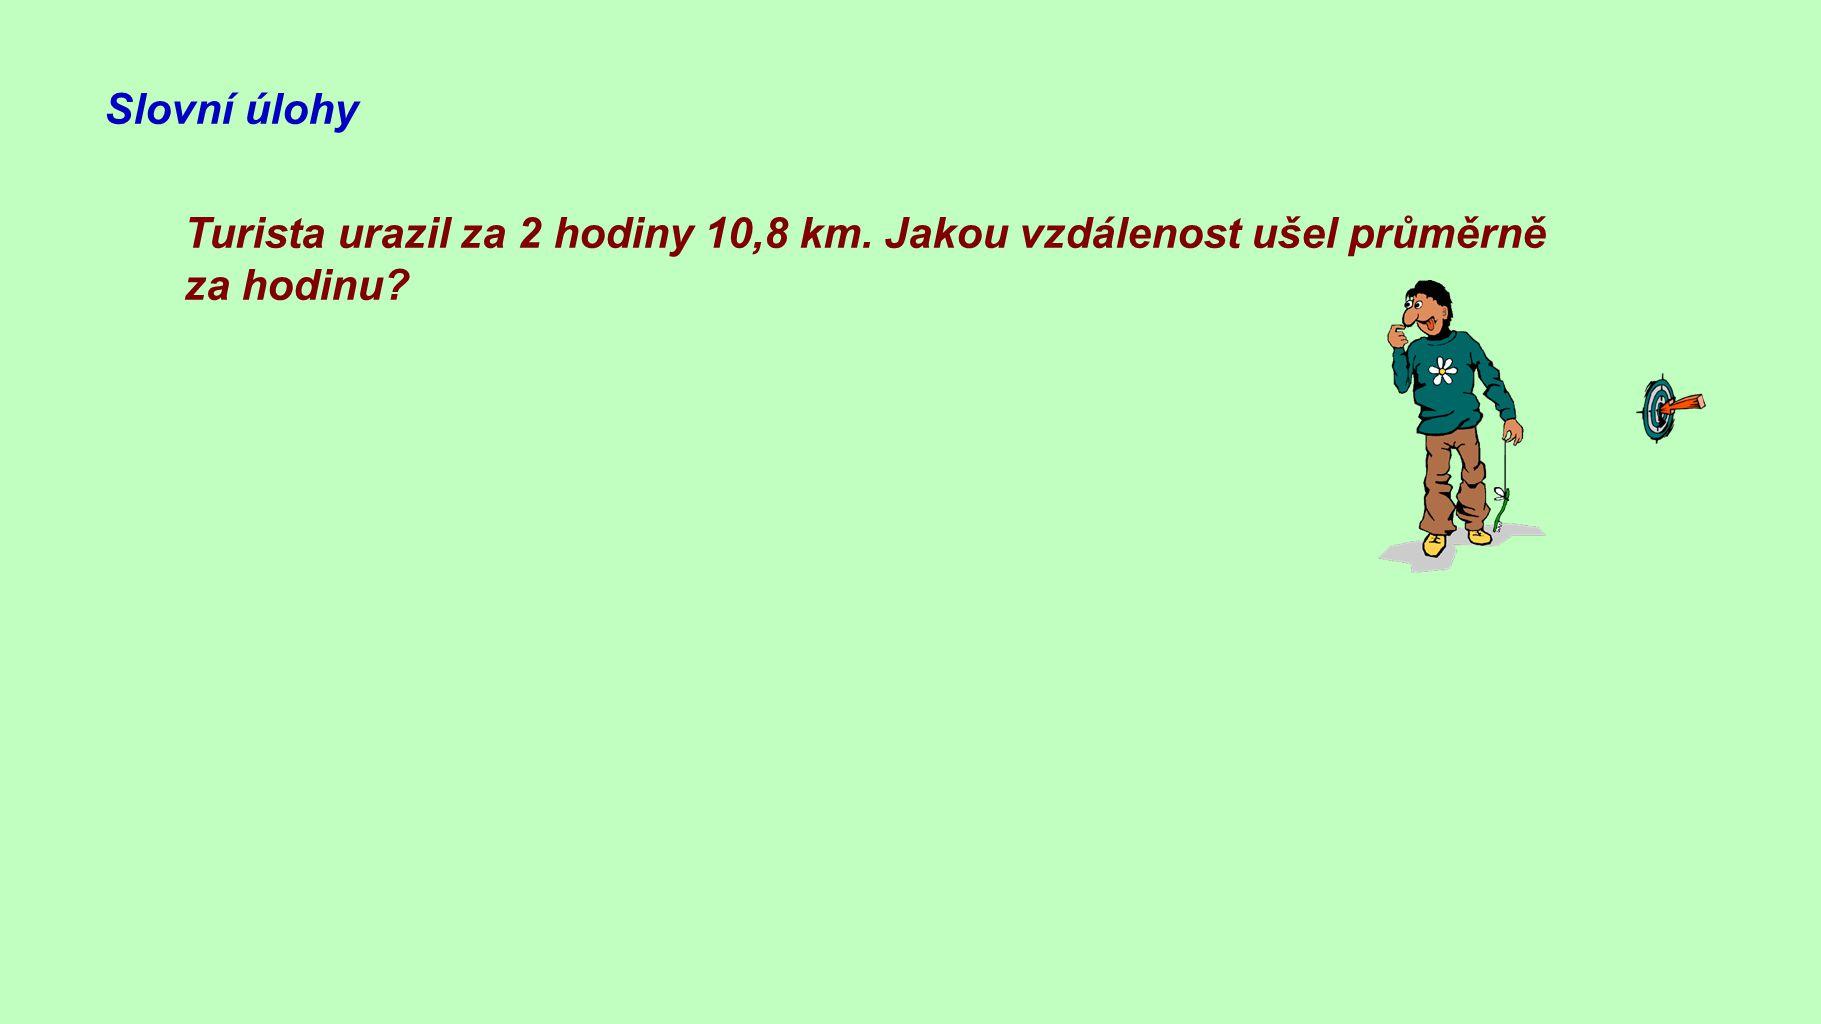 Novákovi koupili 6 m linolea.Zaplatili 635,4 Kč. Kolik stojí metr linolea.